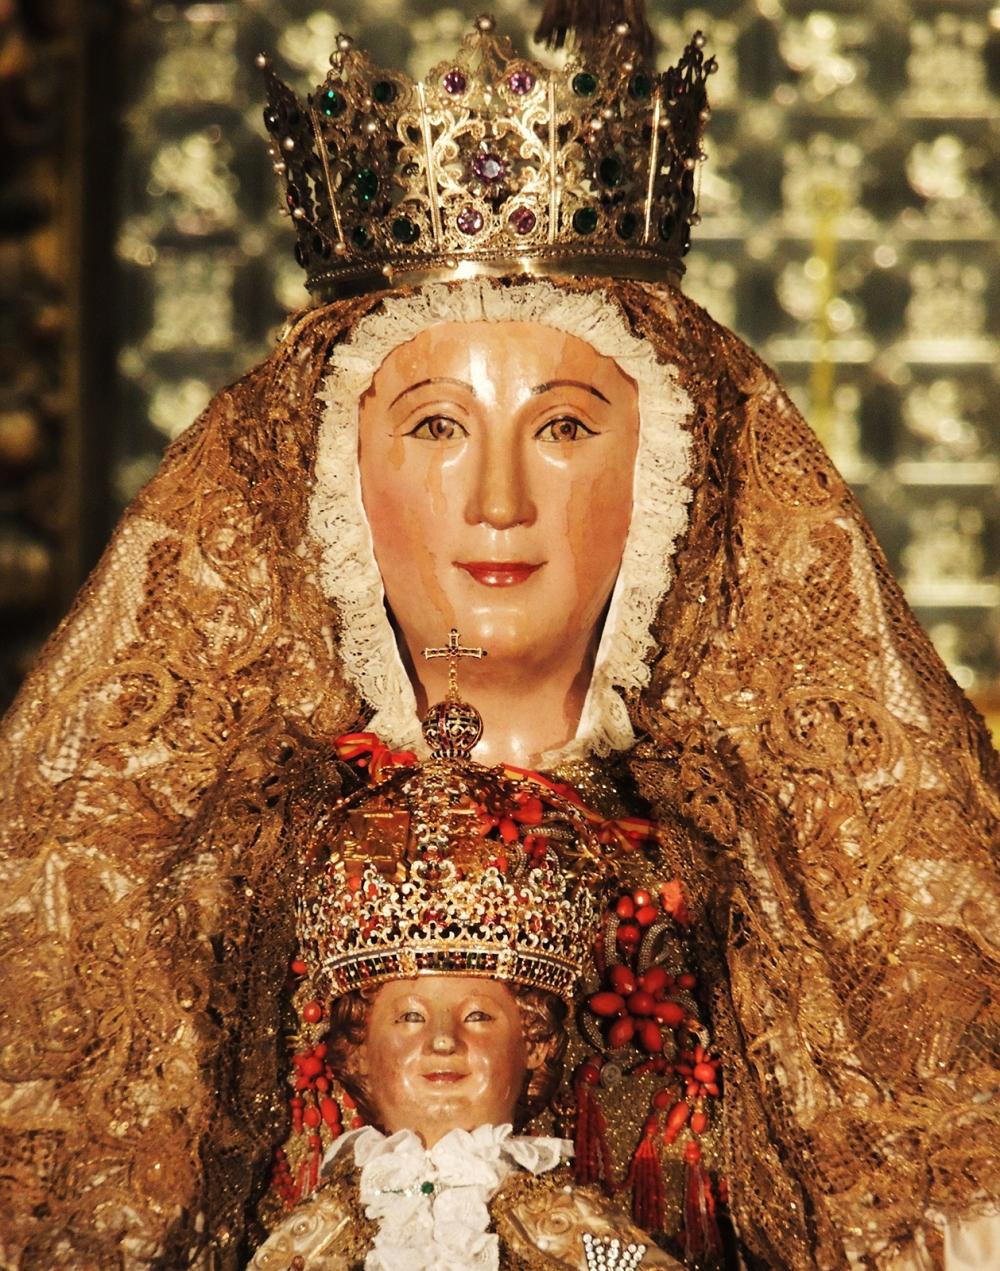 Anónimo. Virgen de los reyes. Siglo XIII. Catedral de Sevilla.